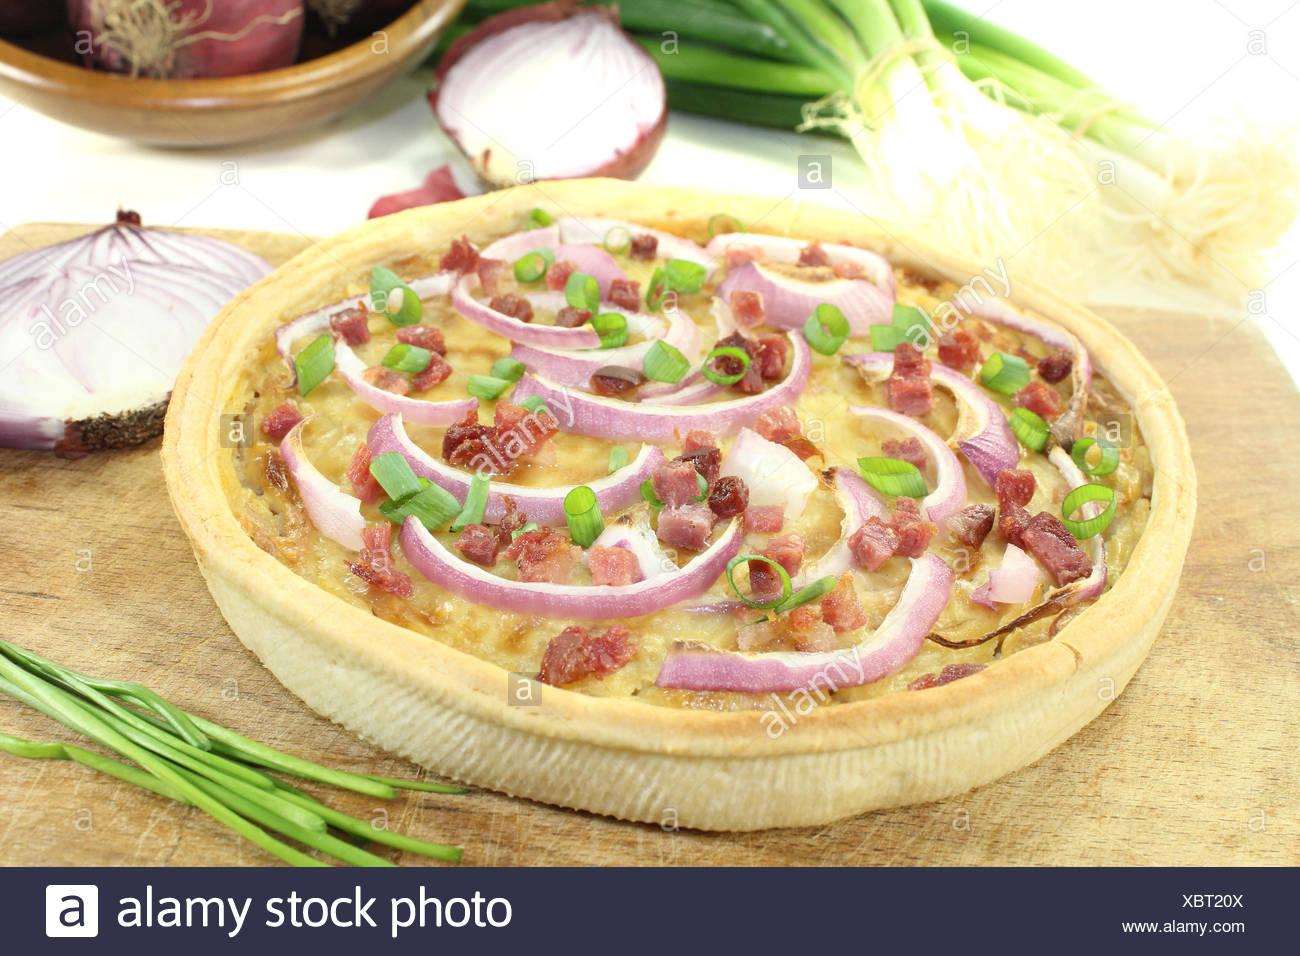 Zwiebelkuchen mit Schinkenspeck vor hellem Hintergrund Stock Photo